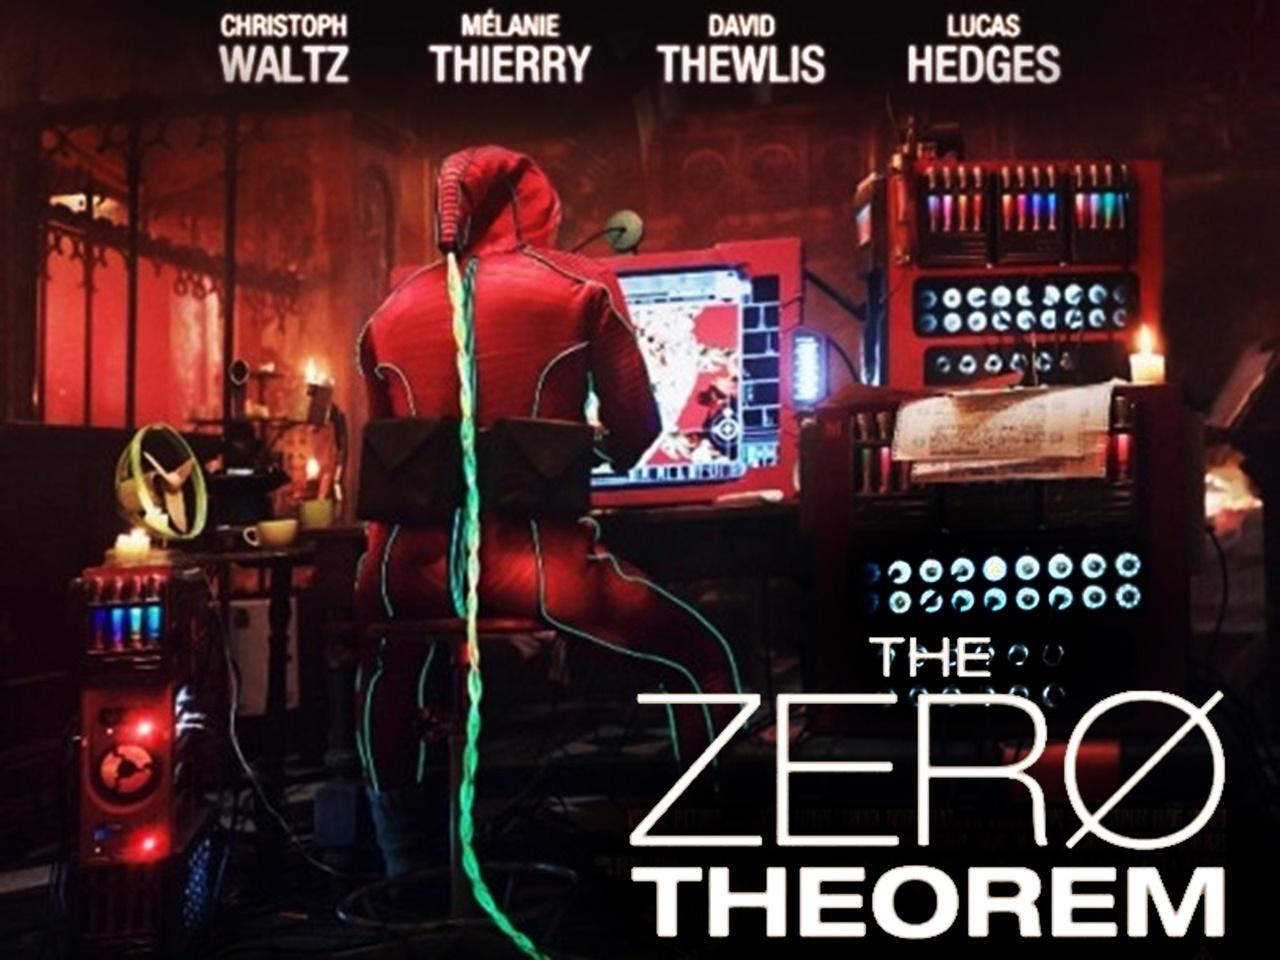 OR_The-Zero-Theorem-